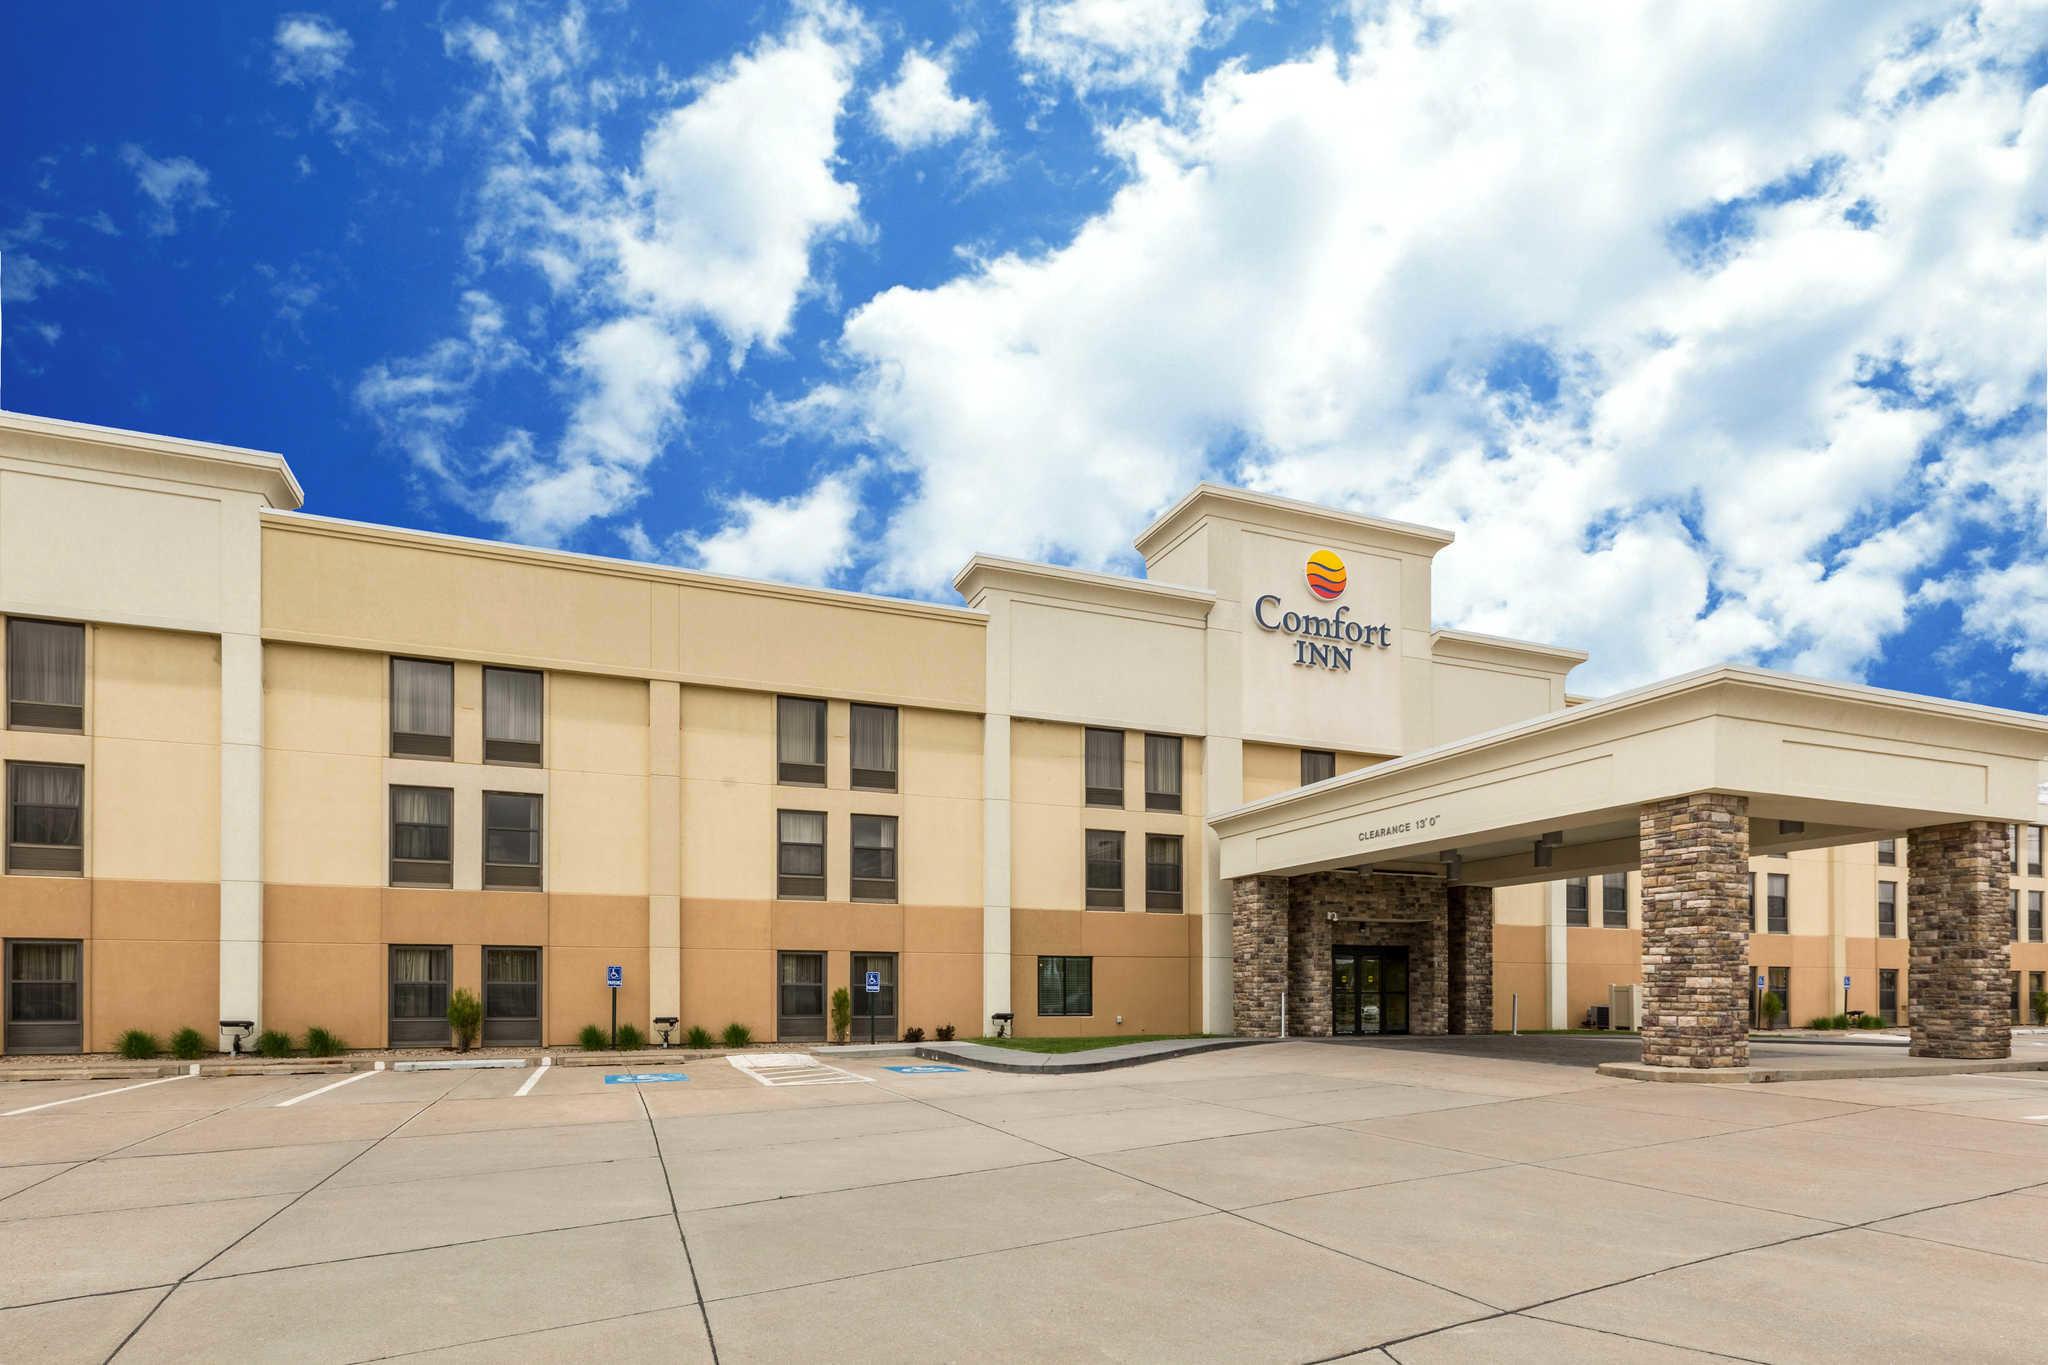 Comfort Inn image 1